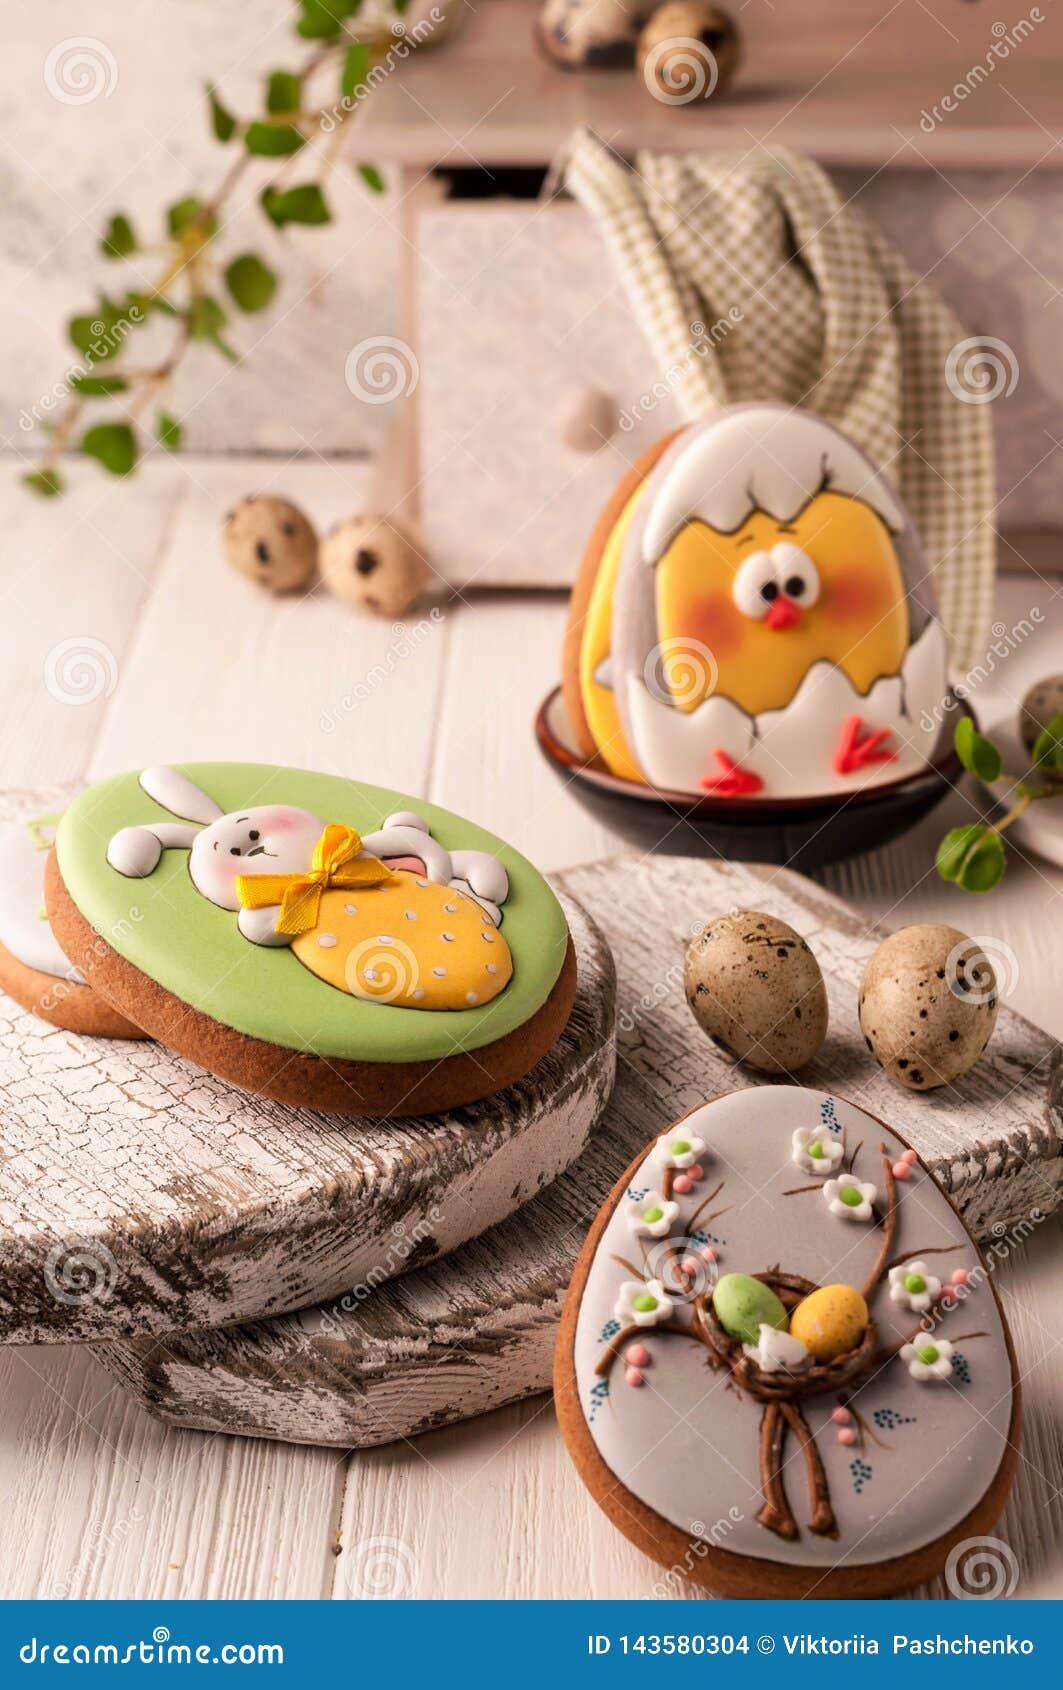 Ostern-Grünplätzchen mit gemaltem Osterhasen, Ostereier und ausgebrütetes Huhn nahe Wachteleiern, dekoratives Buffet und Serviett